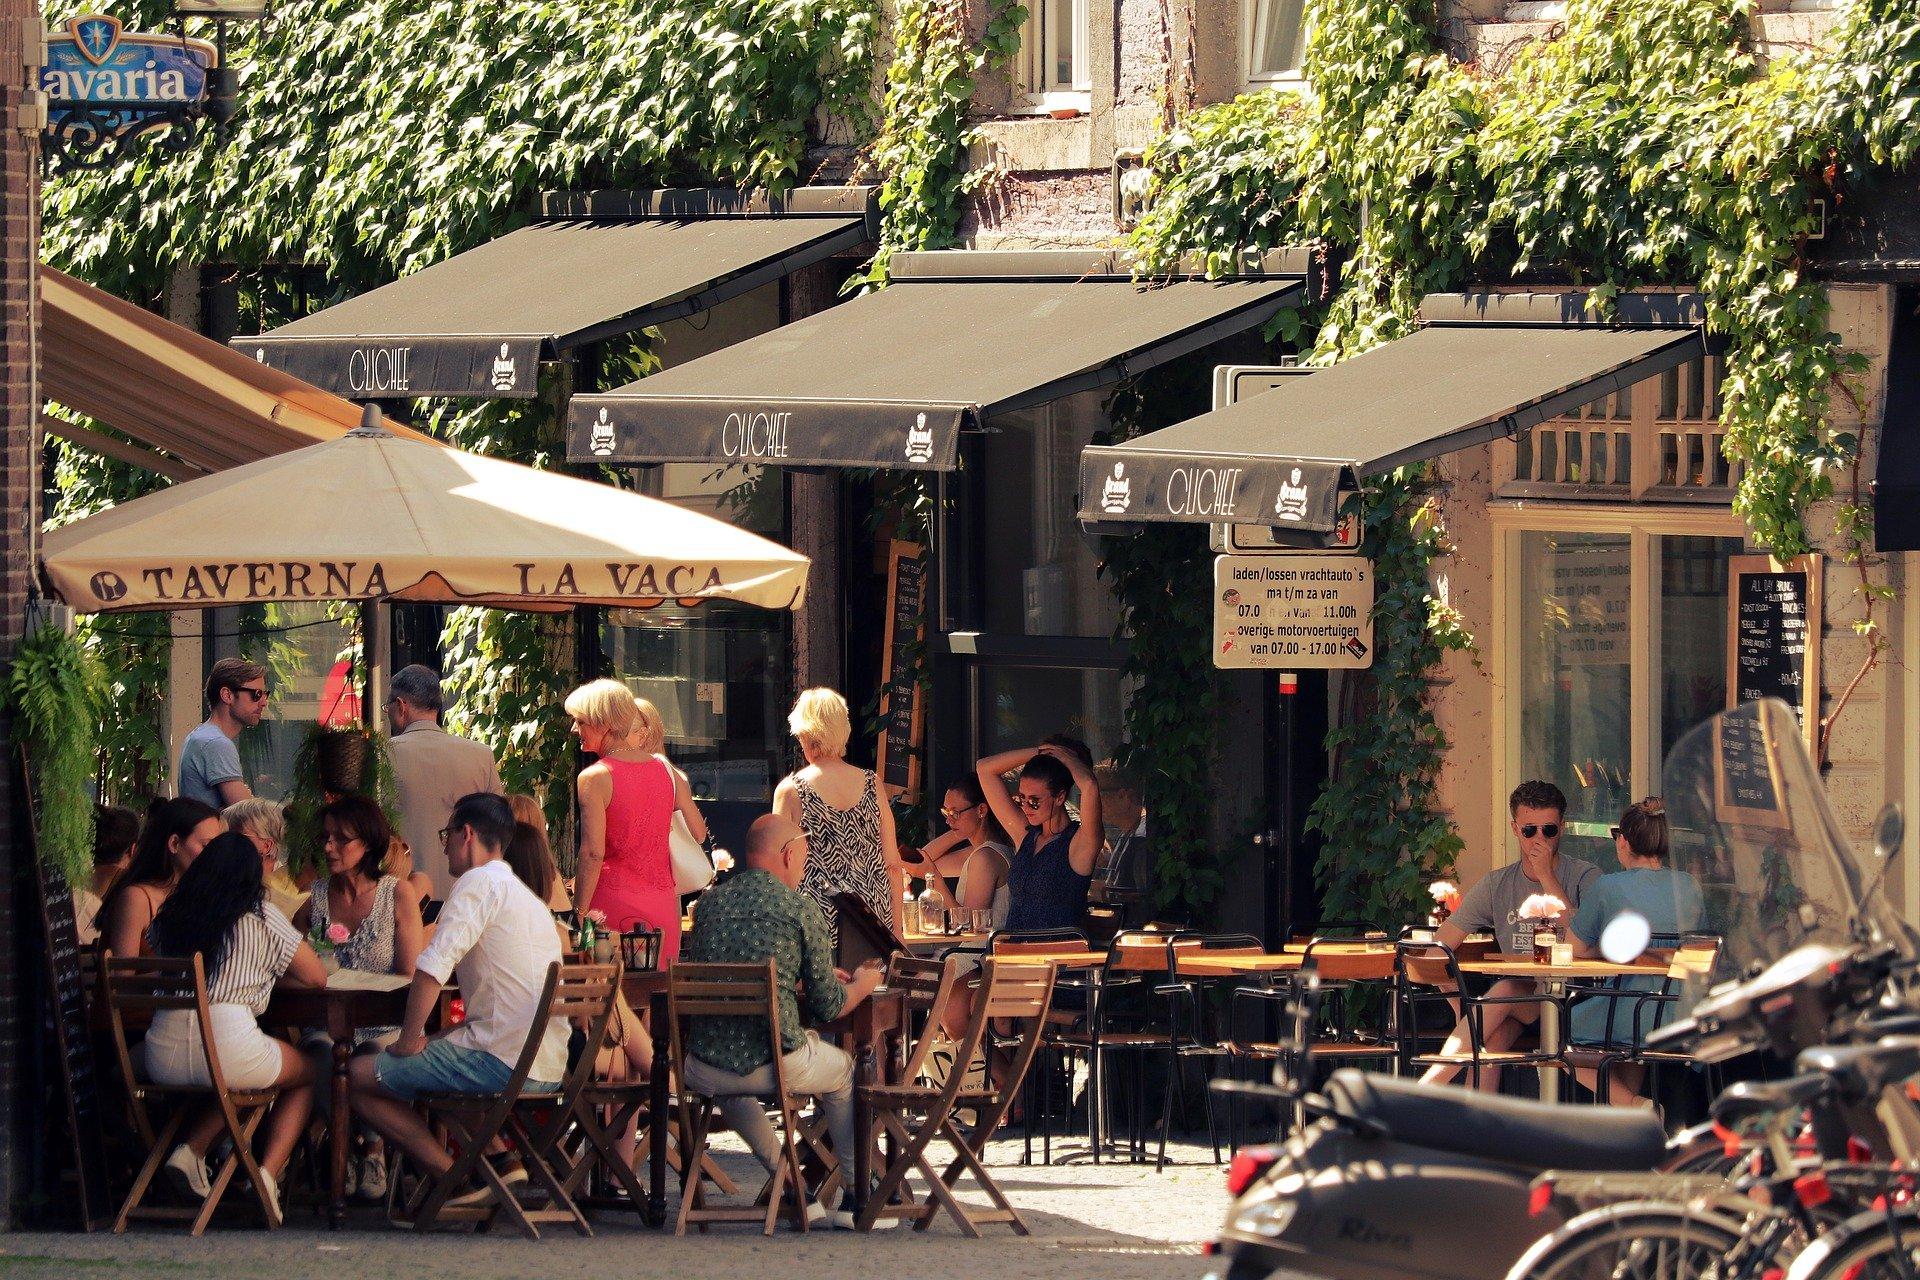 Vemos uma rua com vários bares e restaurantes; pessoas estão sentadas do lado de foras dos estabelecimentos (imagem ilustrativa). Texto: franquia Linked.